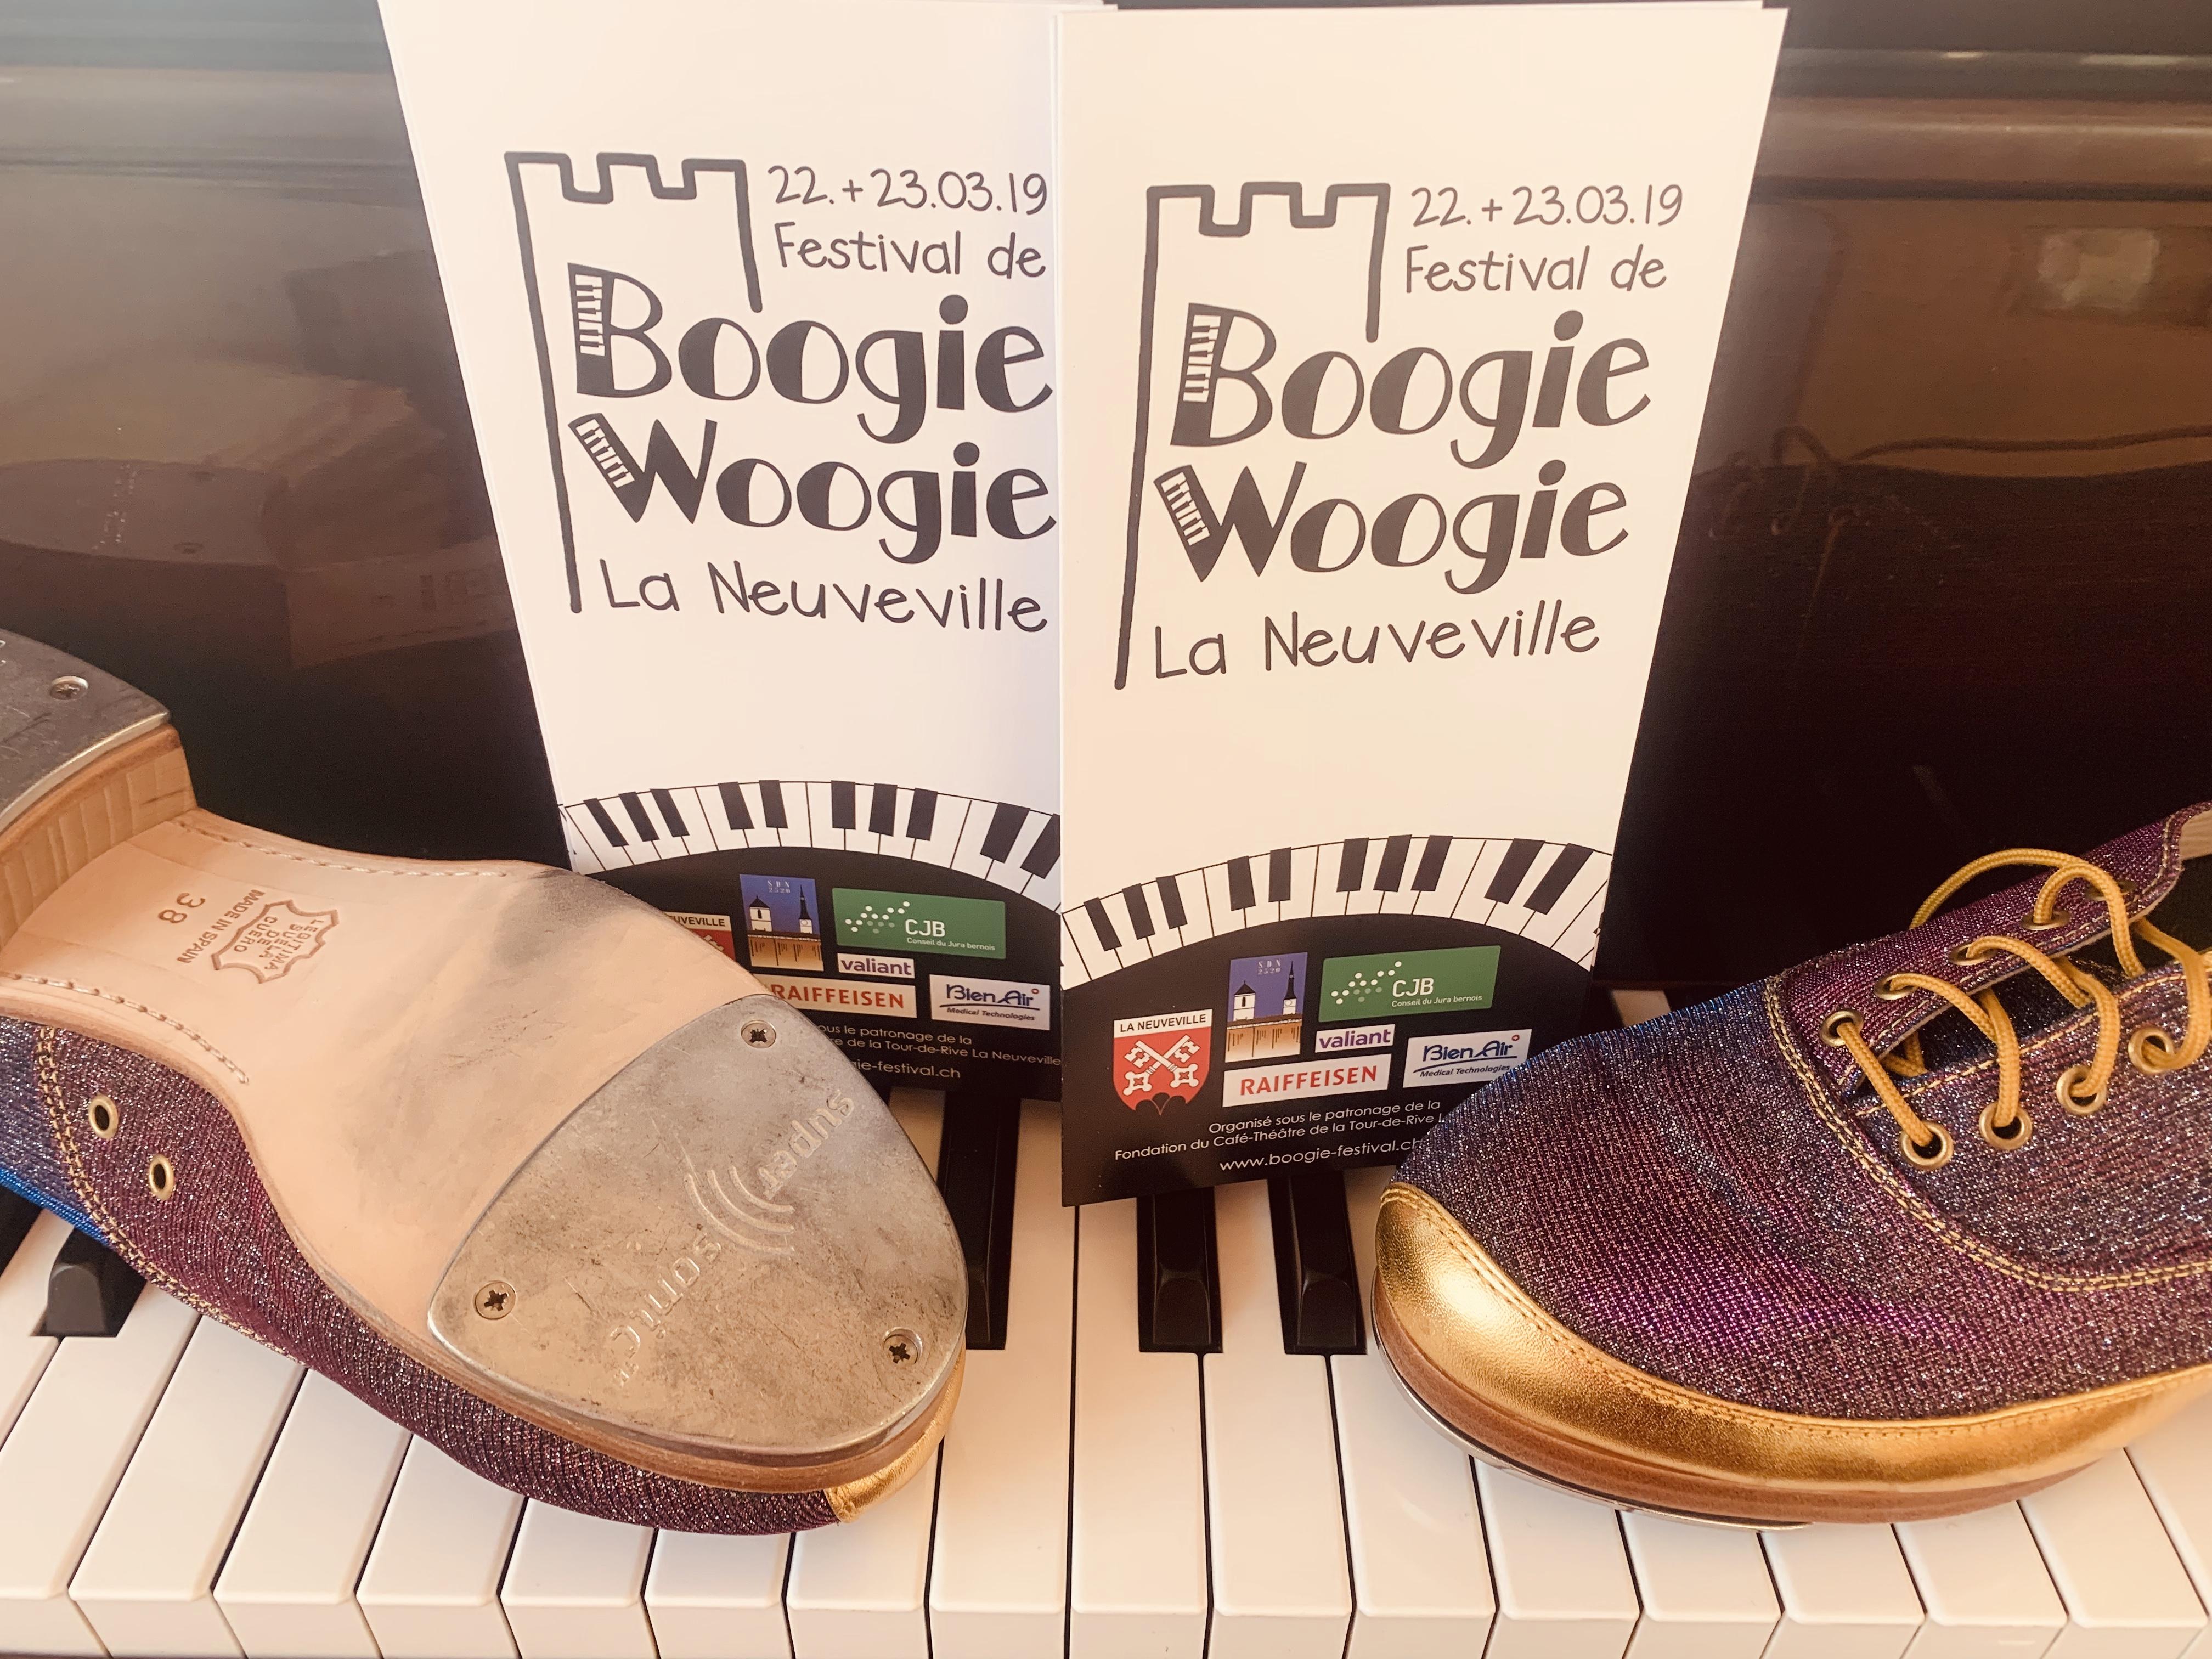 Boogie Woogie Festival 2019